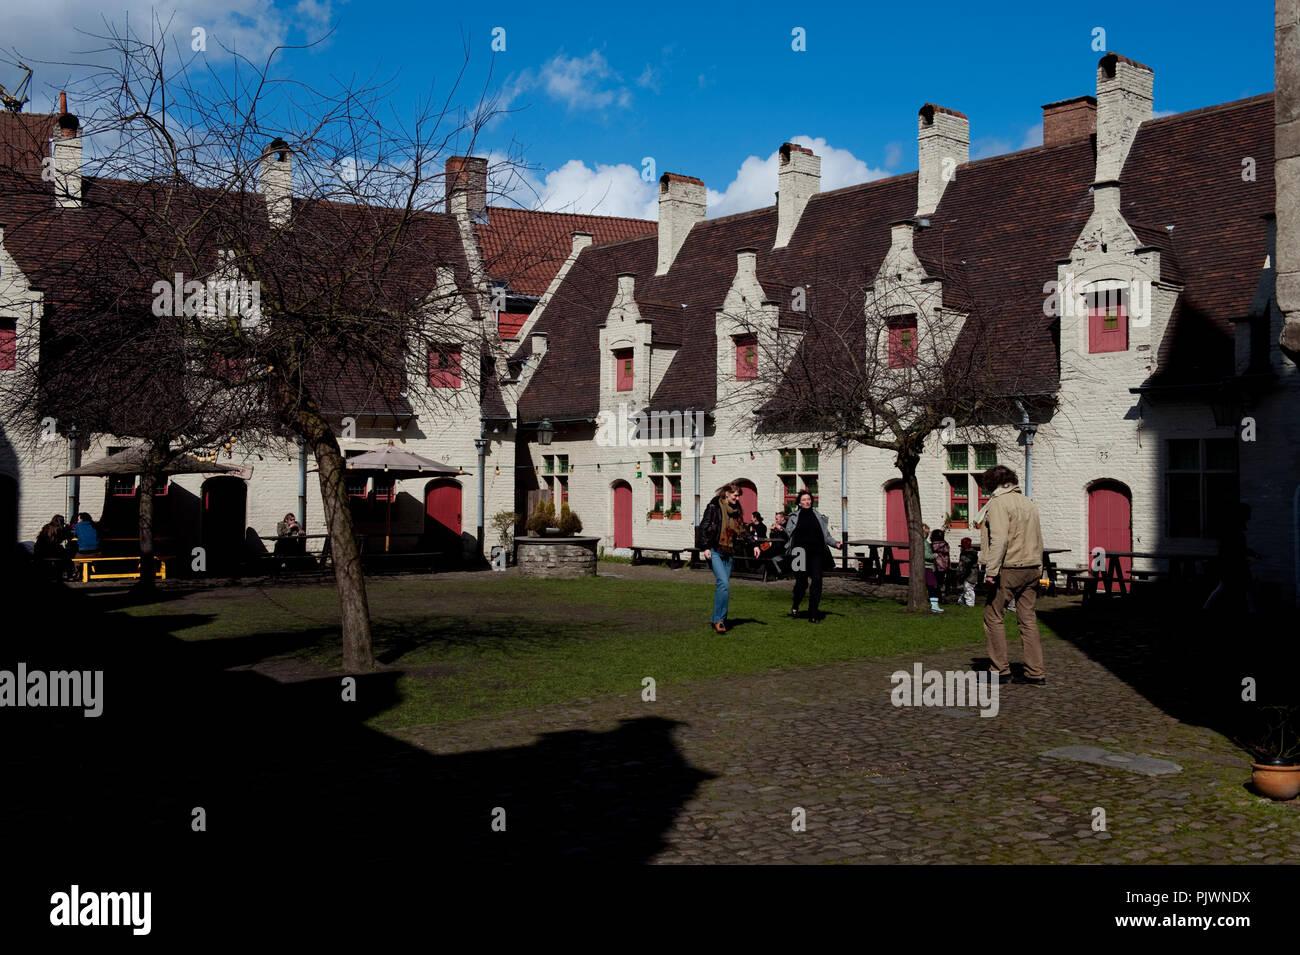 Het huis van alijn stockfotos & het huis van alijn bilder alamy